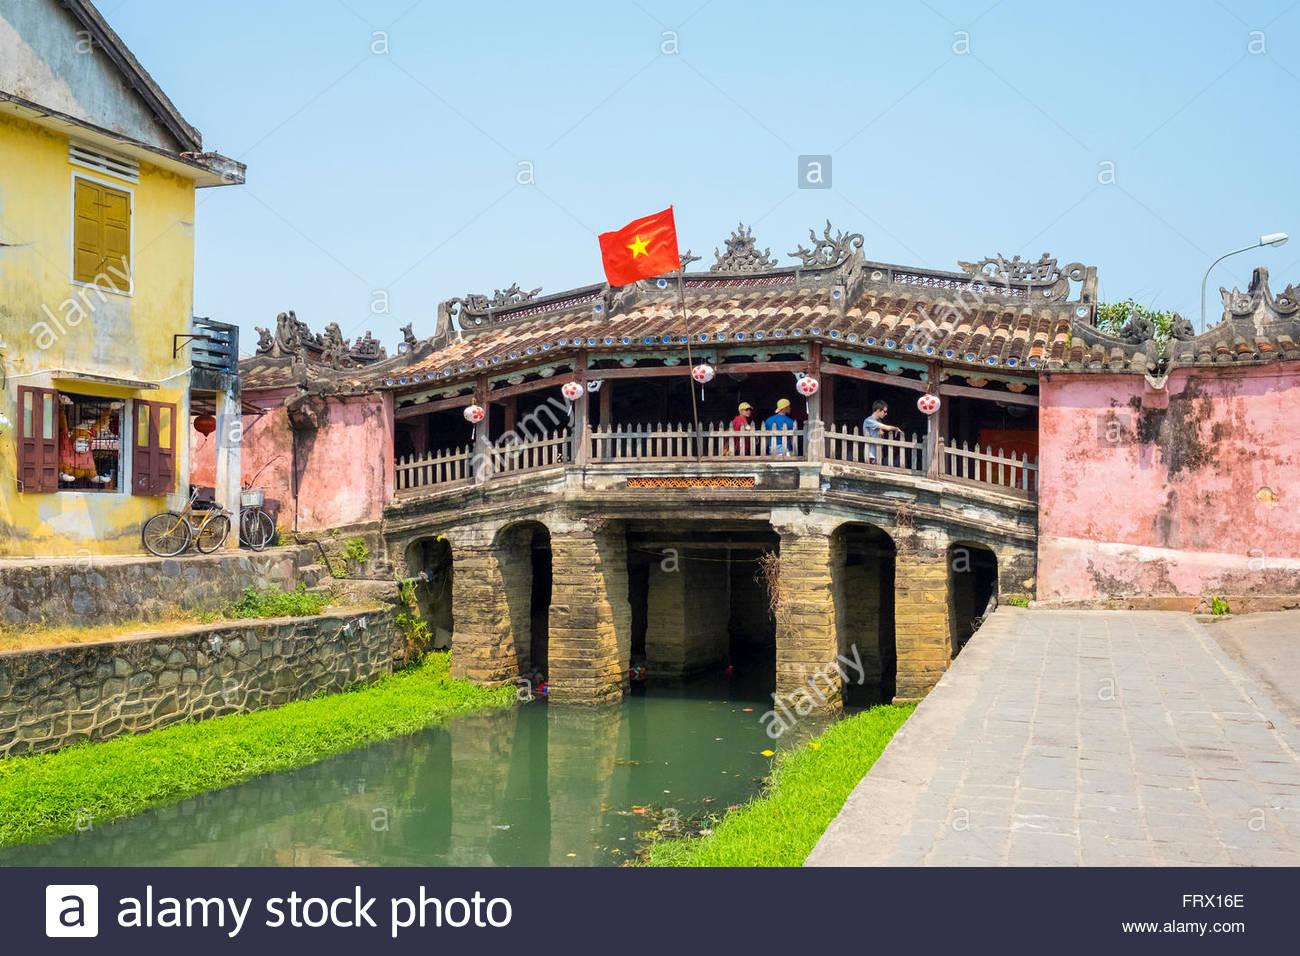 Le pont couvert japonais dans l'ancienne ville de Hoi An, Hoi An, Quang Nam Province, Vietnam Photo Stock